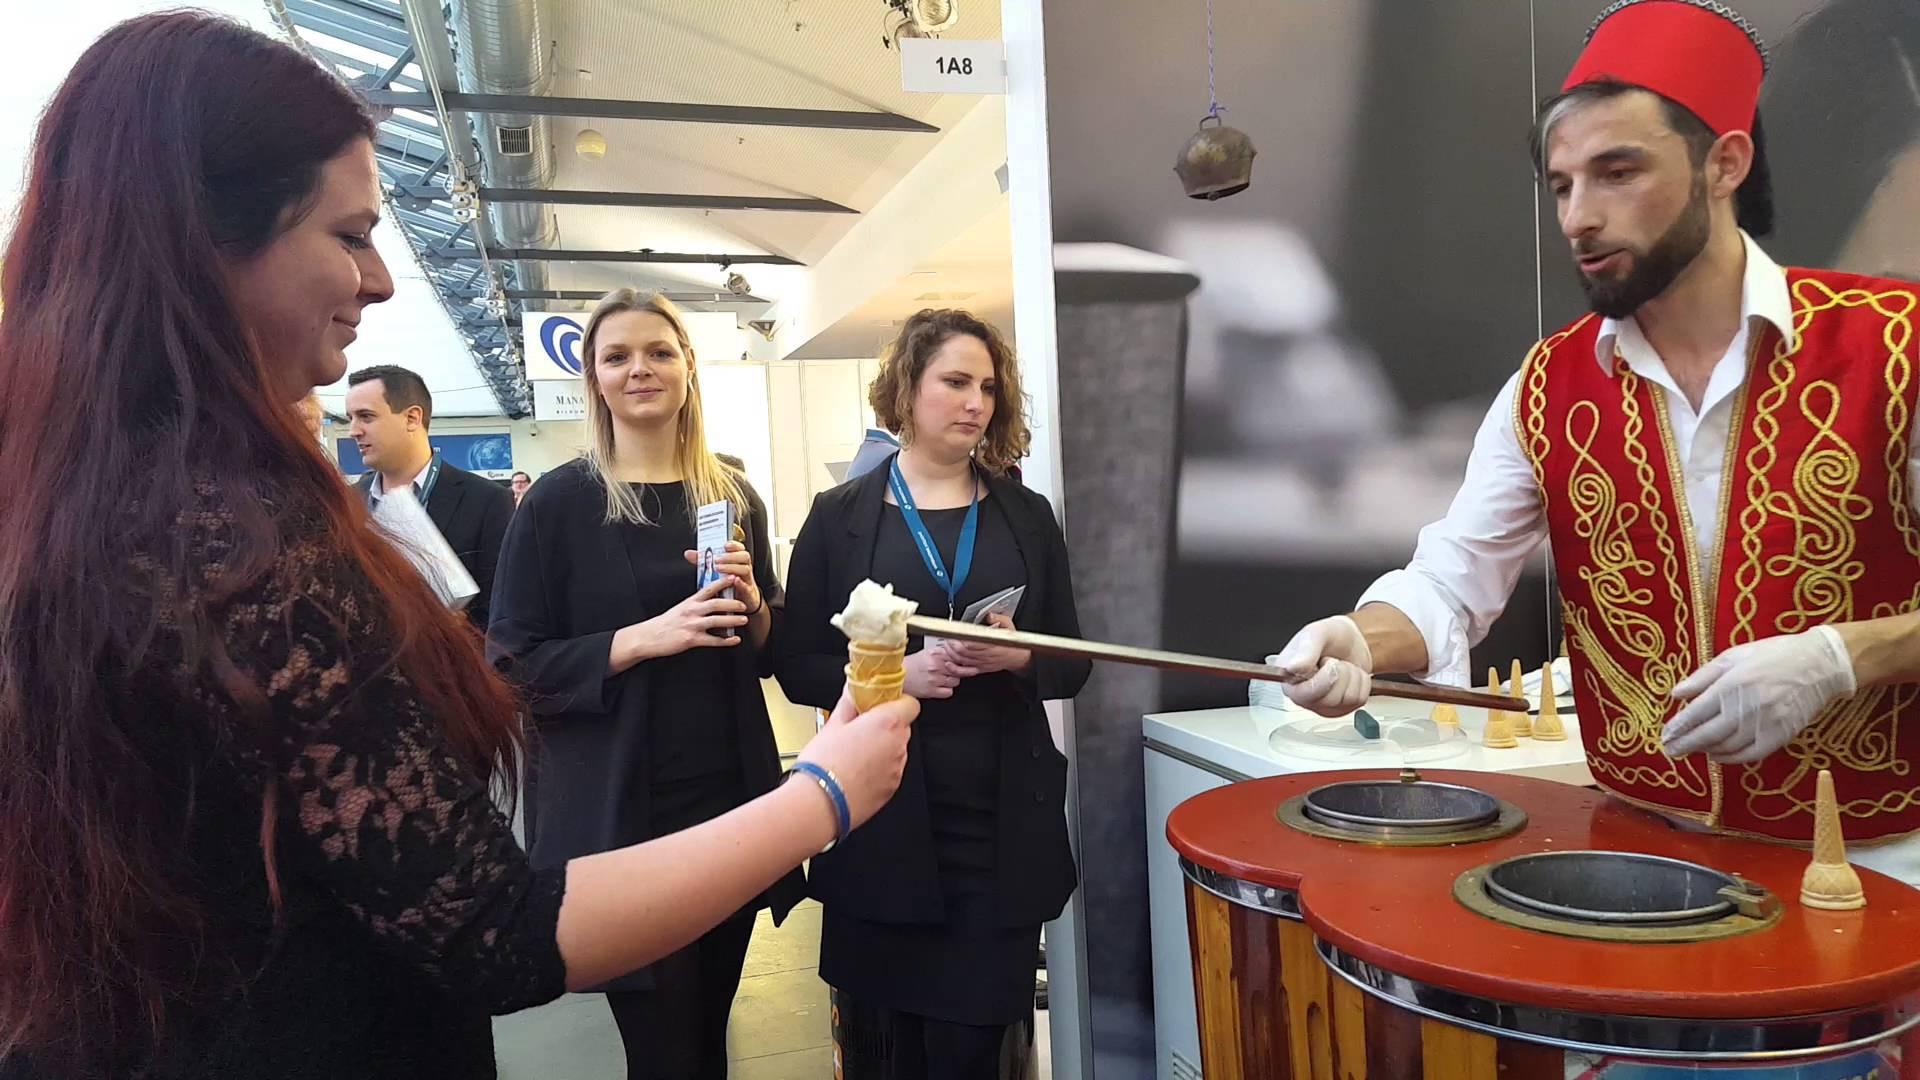 Ở Thổ Nhĩ Kỳ có một loại kem phải dùng đến dao để chặt thì mới lấy kem ăn được - Ảnh 6.